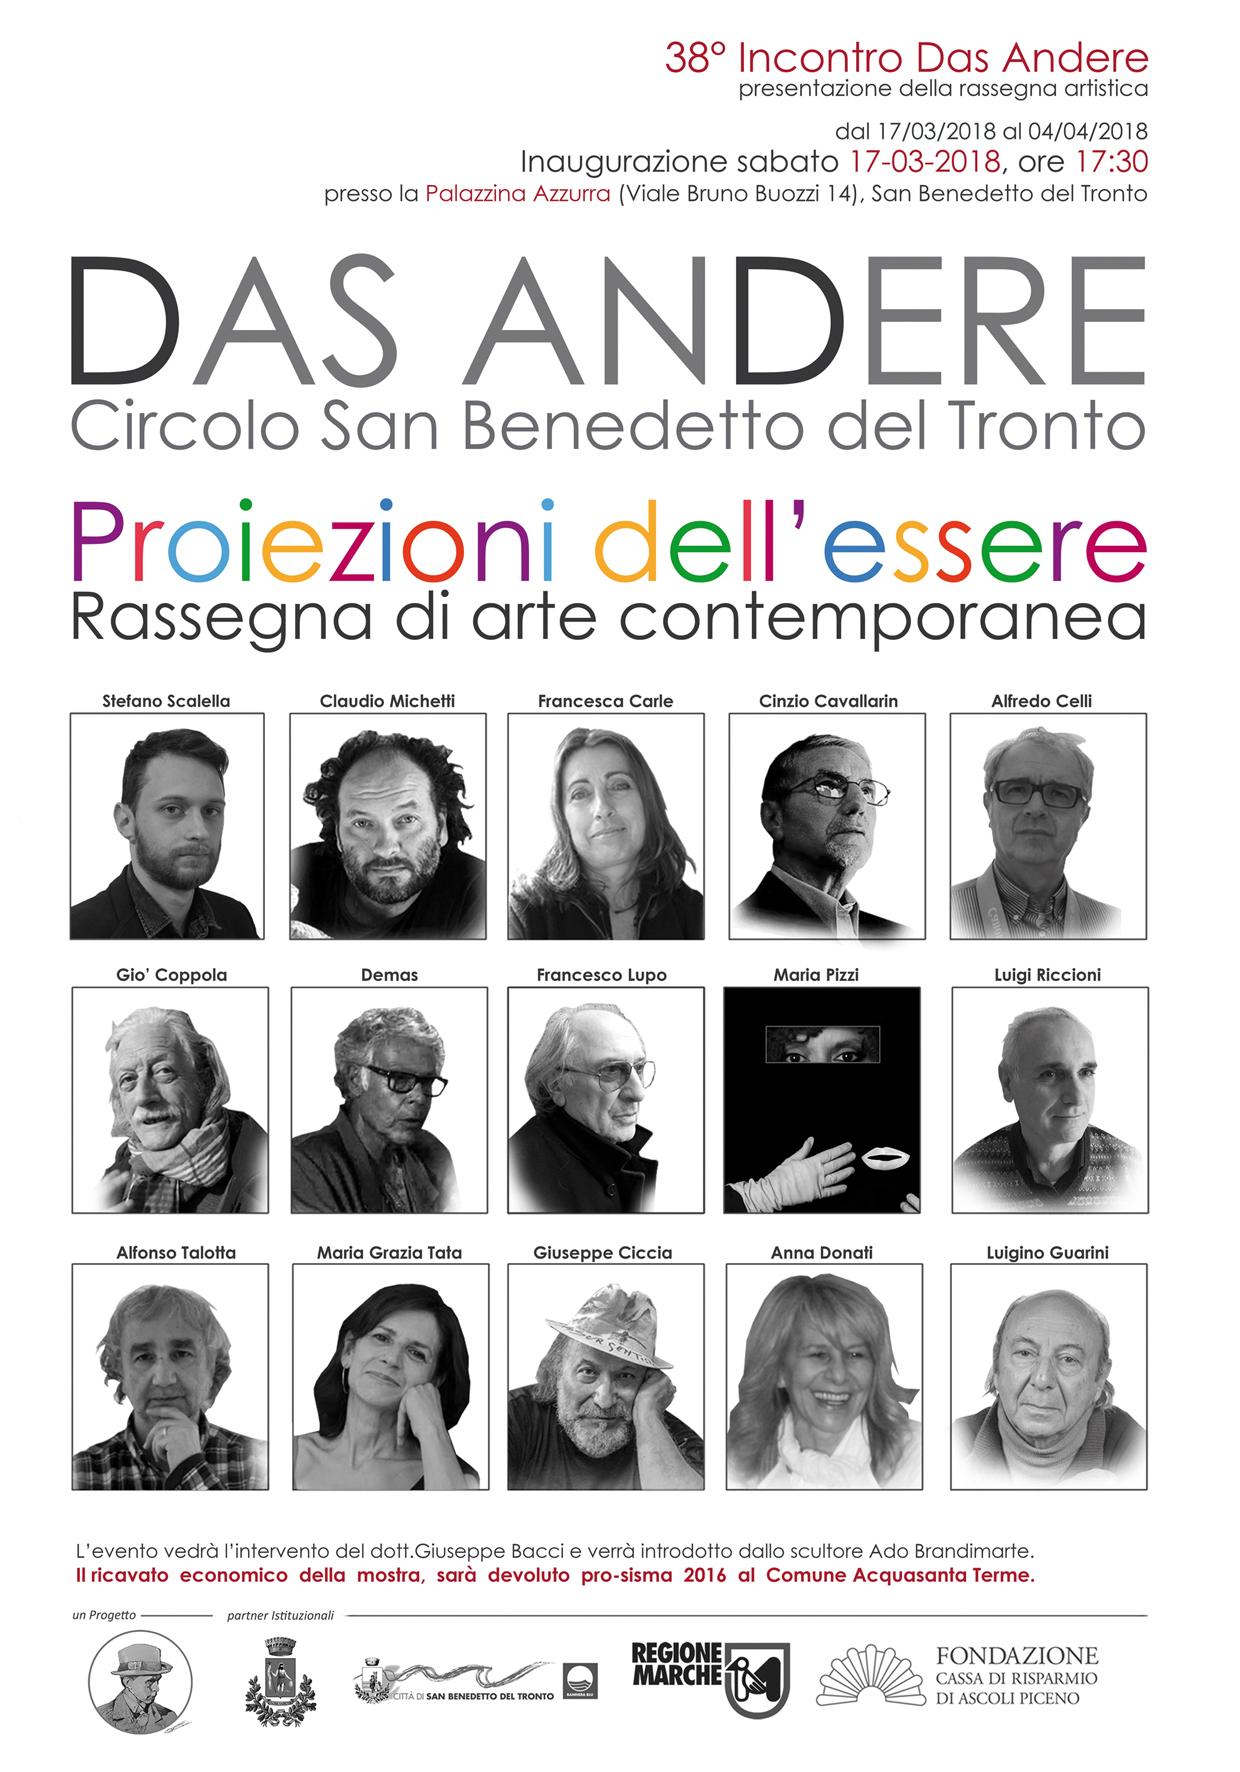 38° incontro Das Andere | rassegna d'arte contemporanea